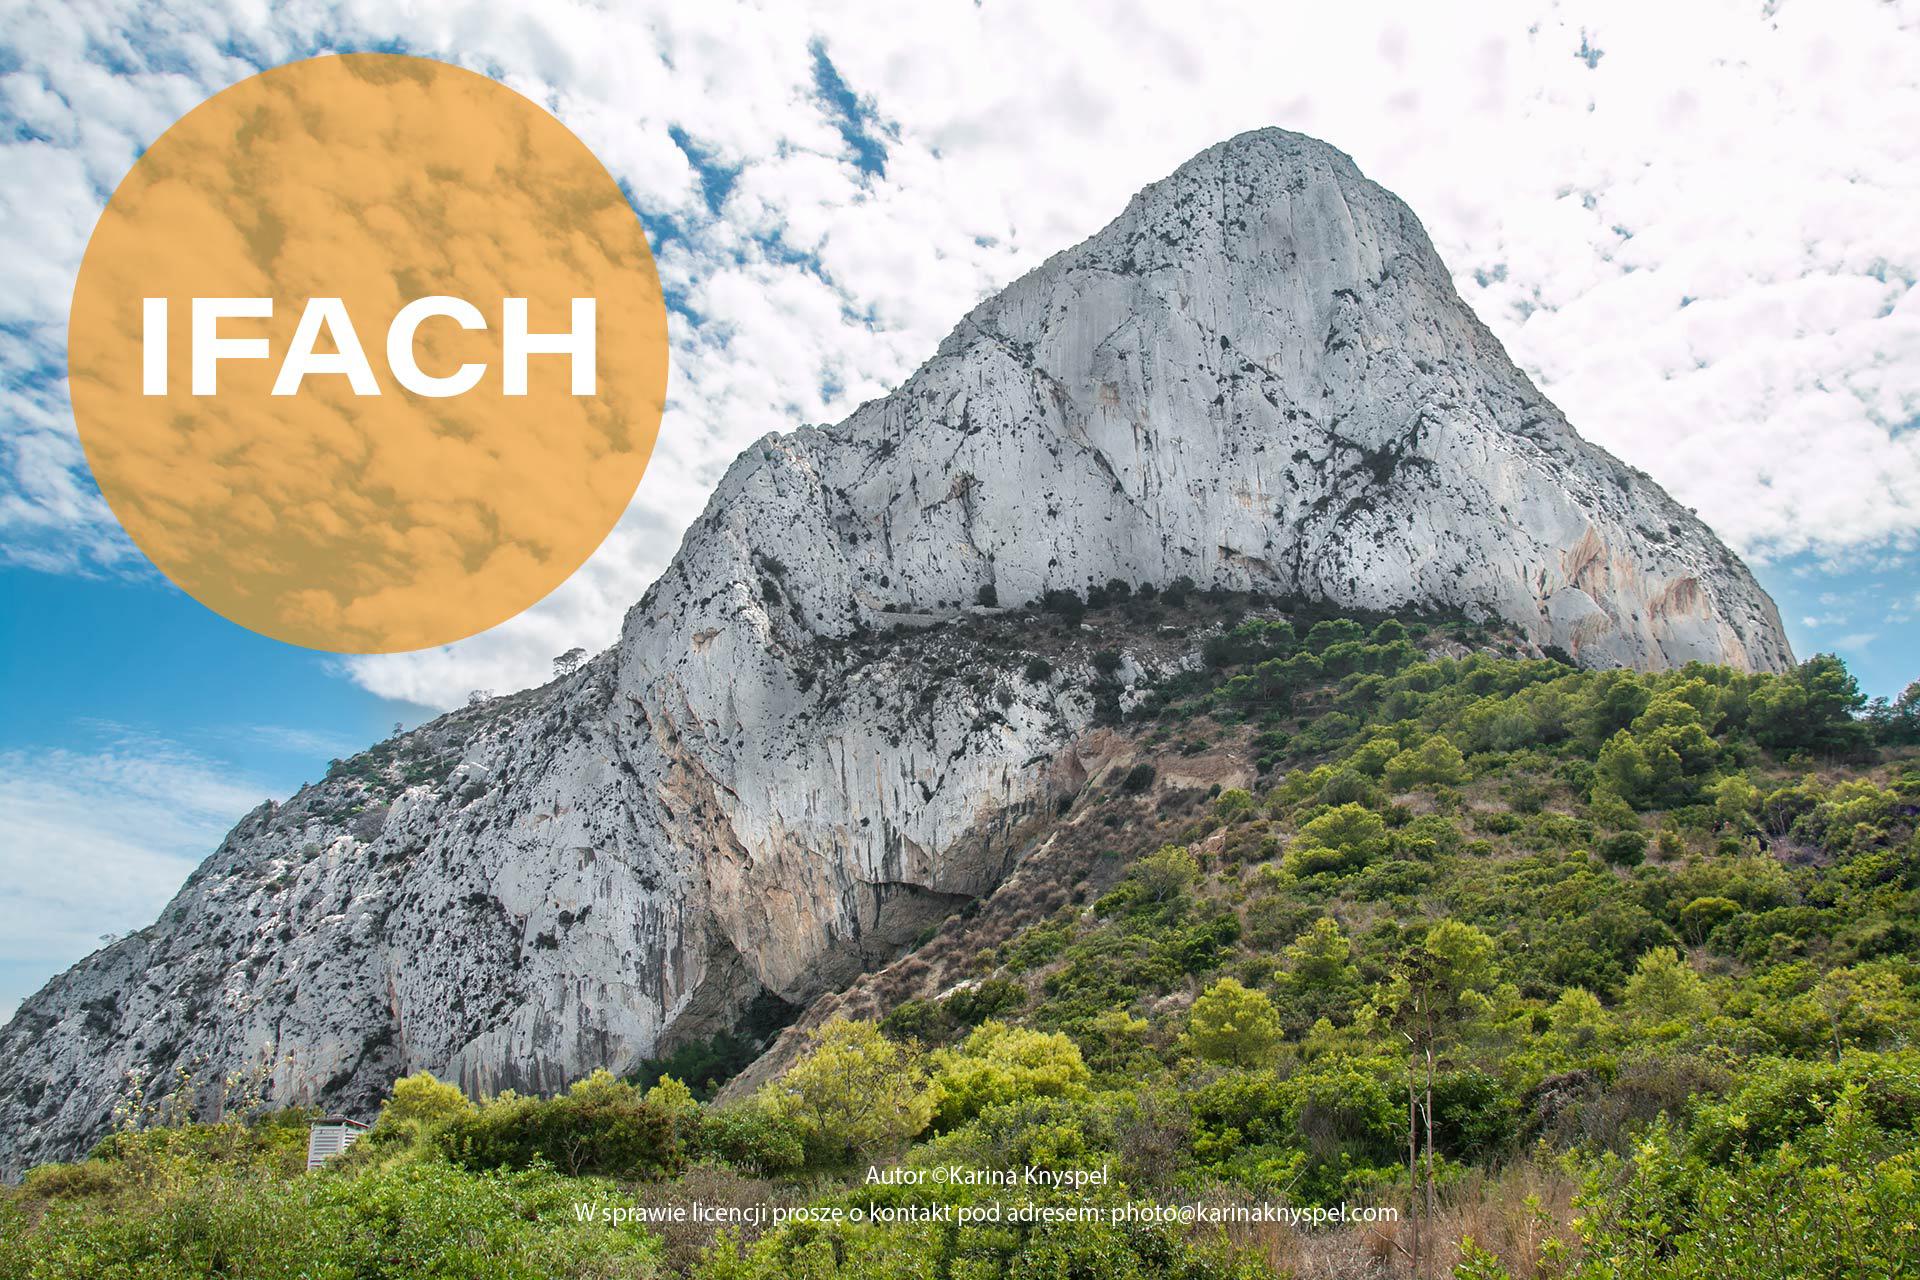 Góra Ifach na wybrzeżu Costa Blanca w Hiszpanii.